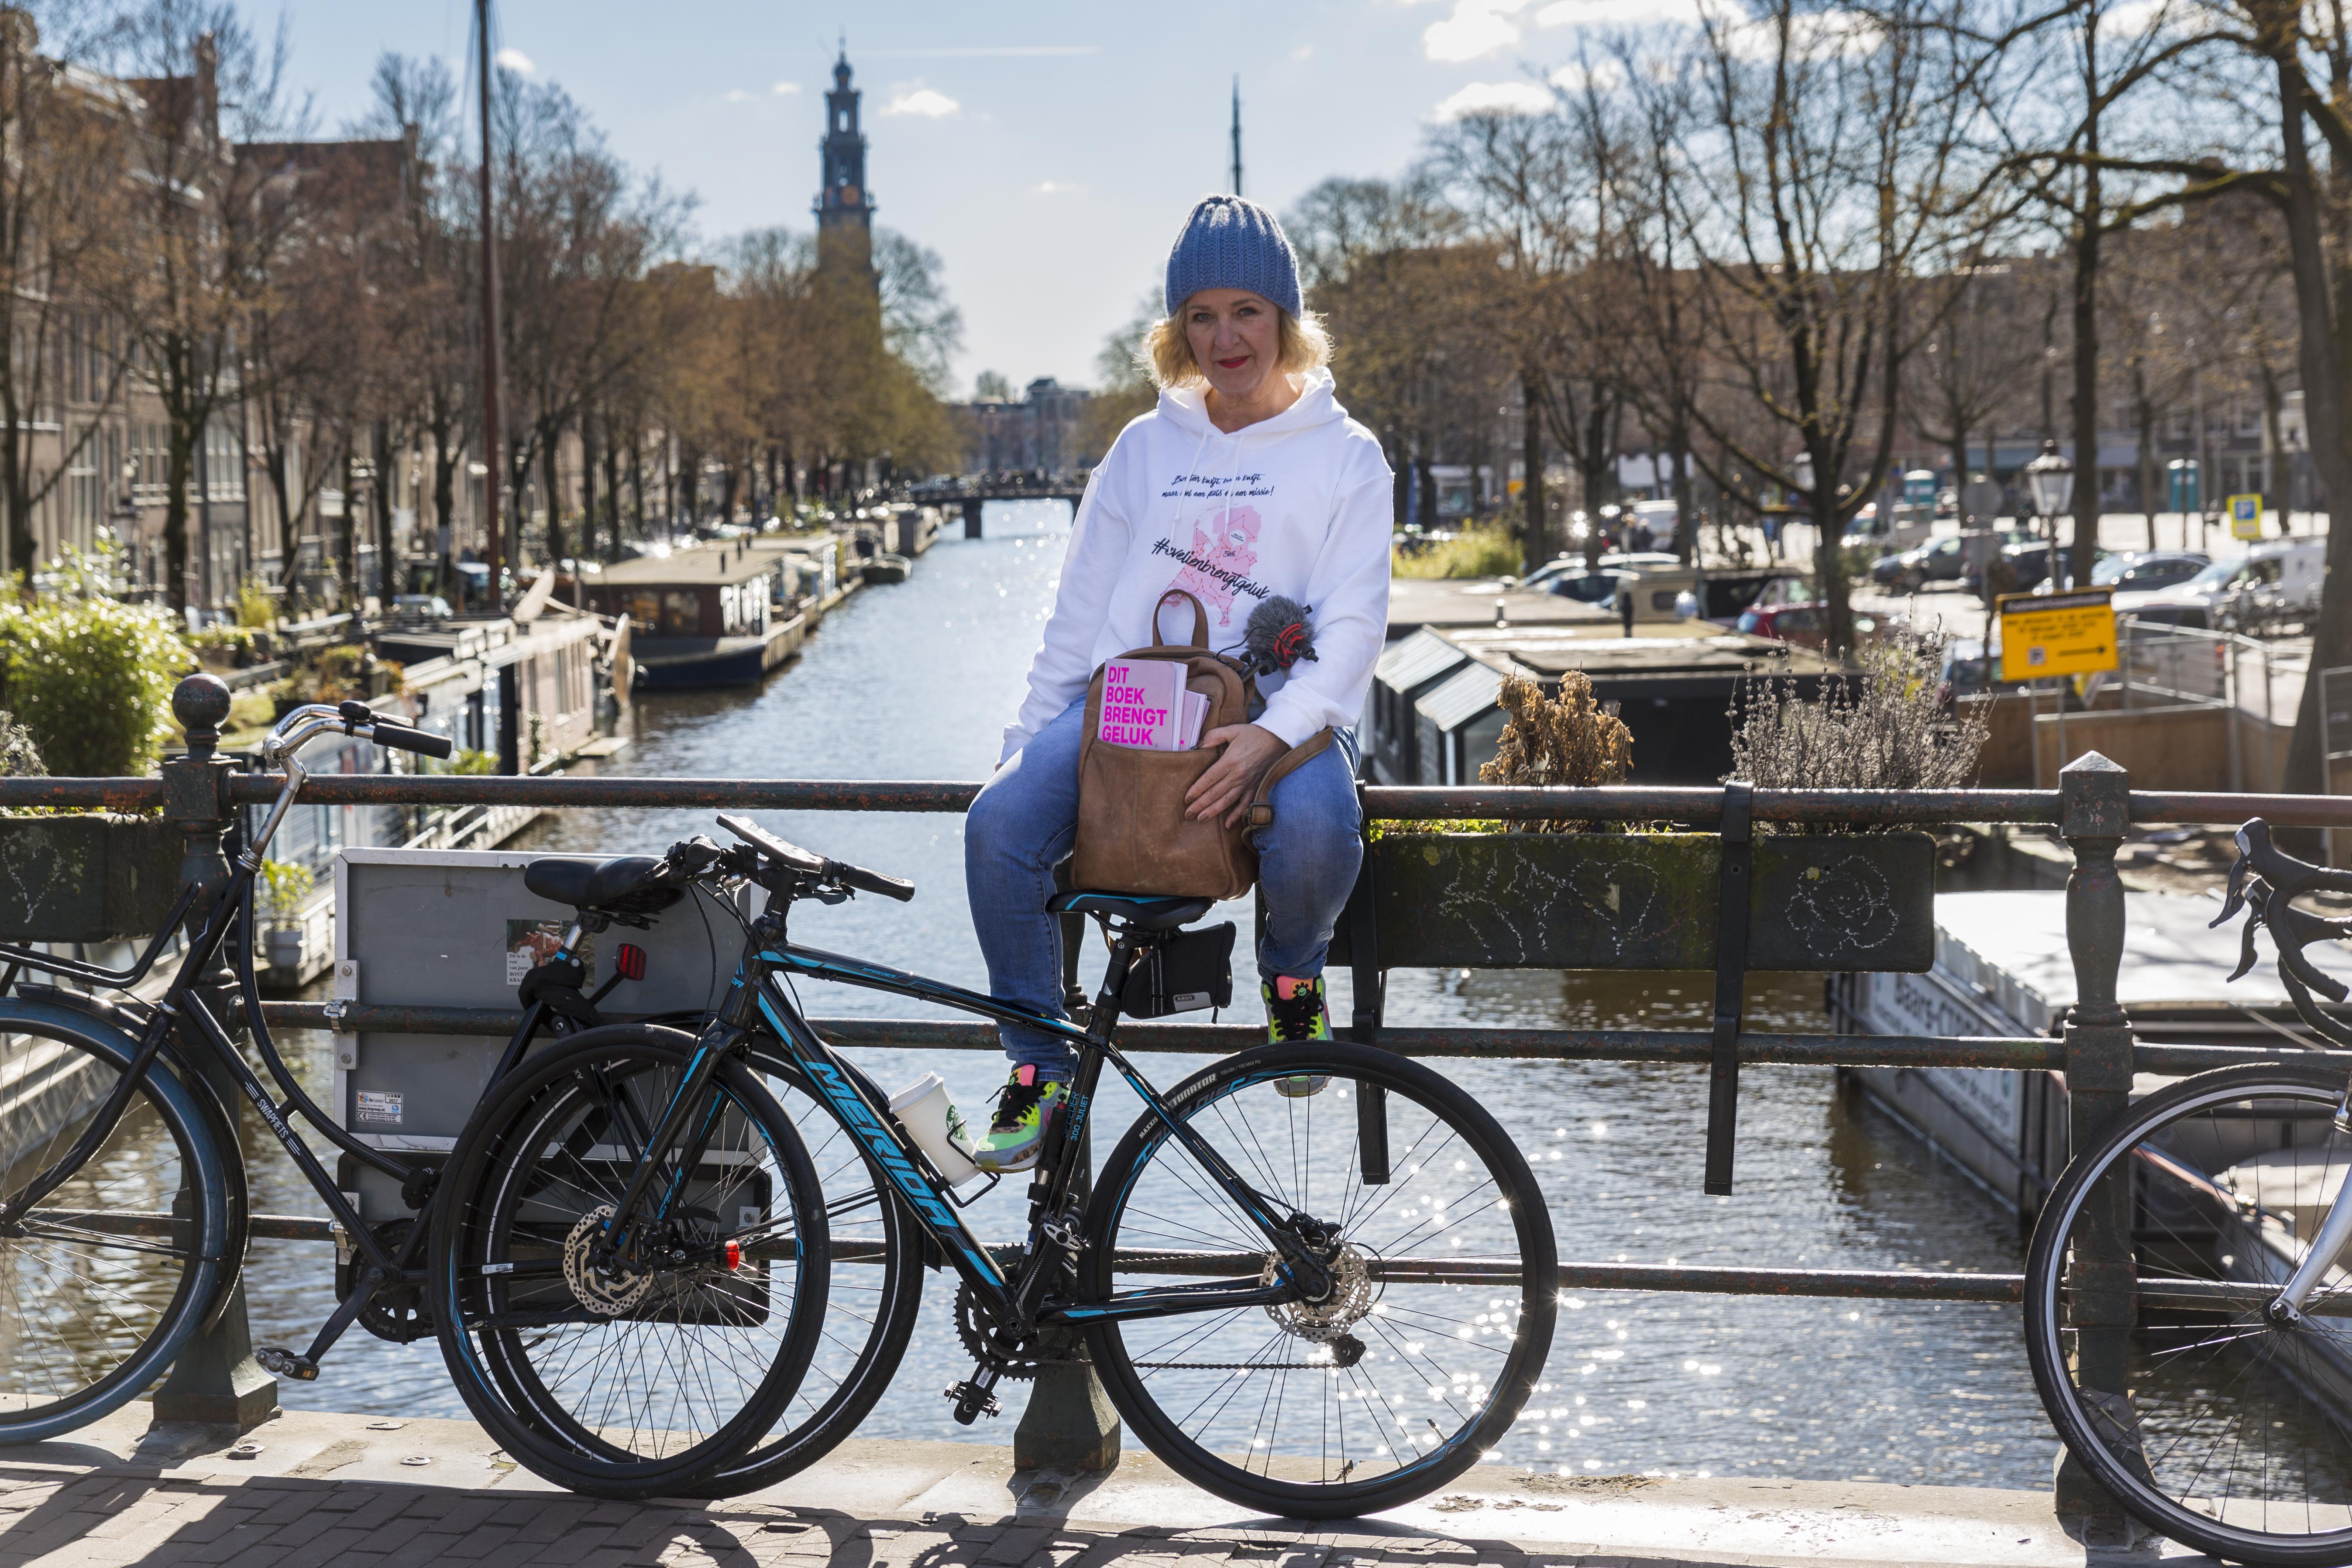 Ex-kankerpatiënt fietst voor inloophuizen: 'Borsten en baan kwijt maar ik leef!'